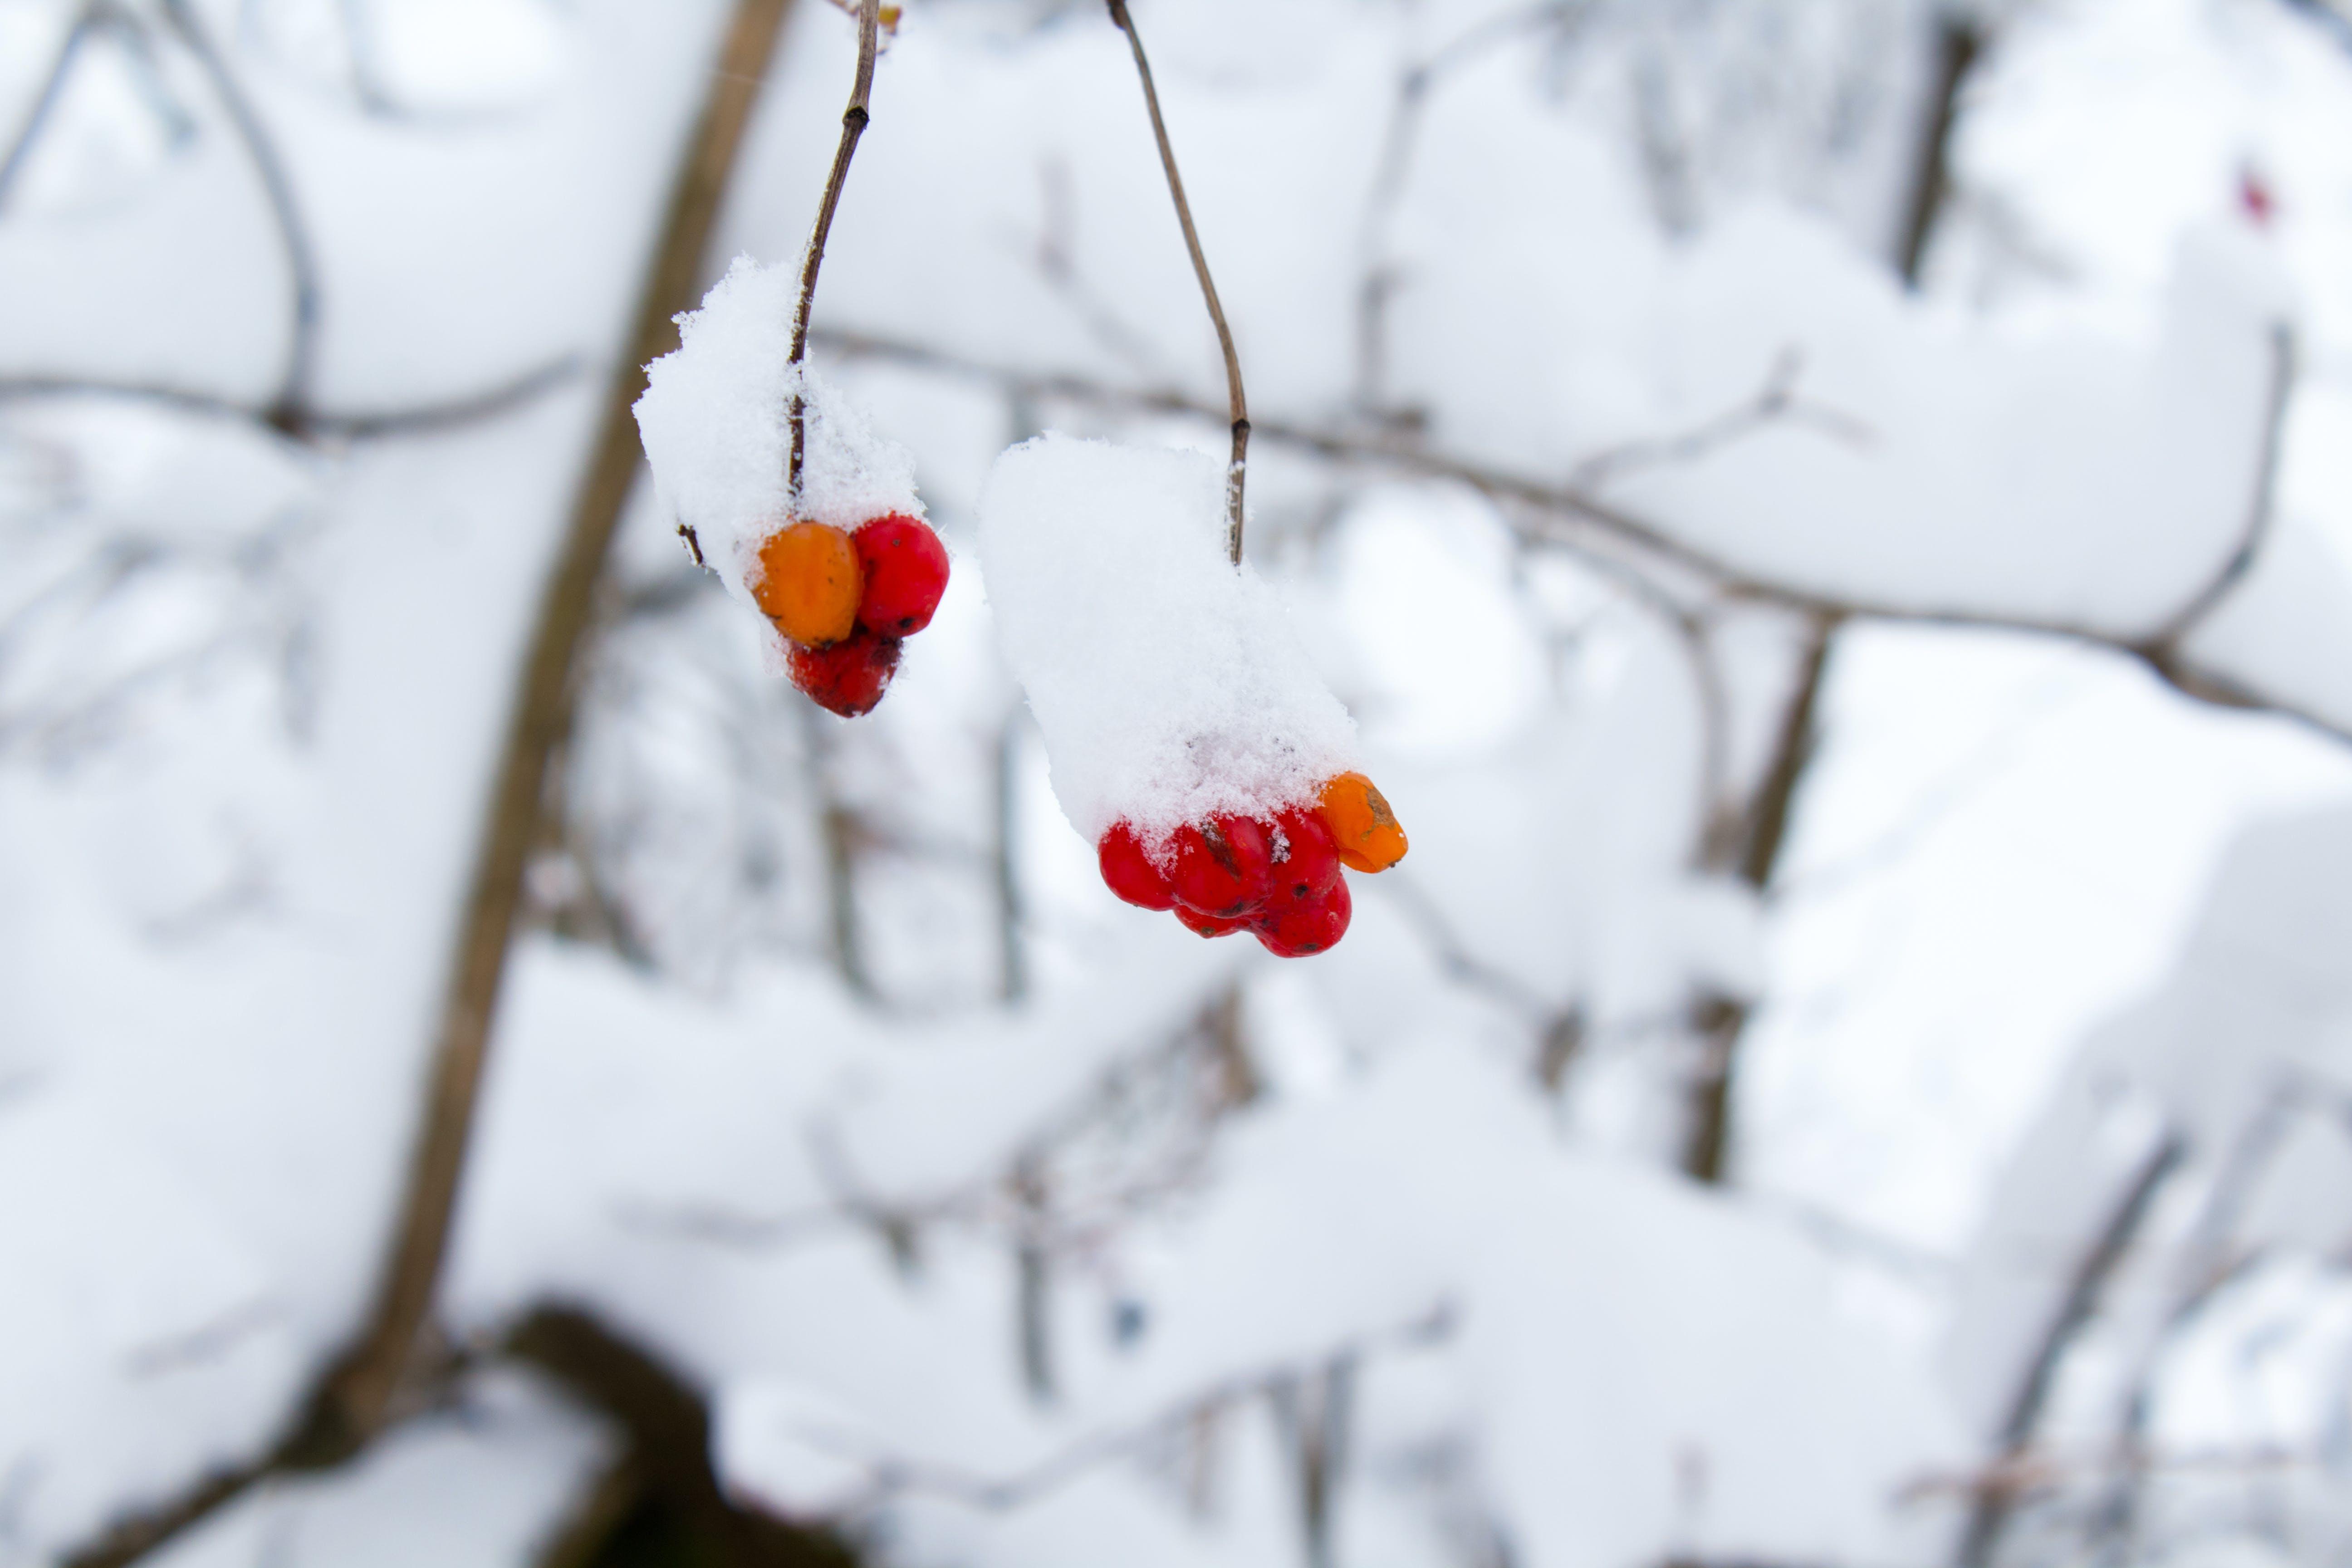 Δωρεάν στοκ φωτογραφιών με εποχή, κρύο, μούρα, παγετός